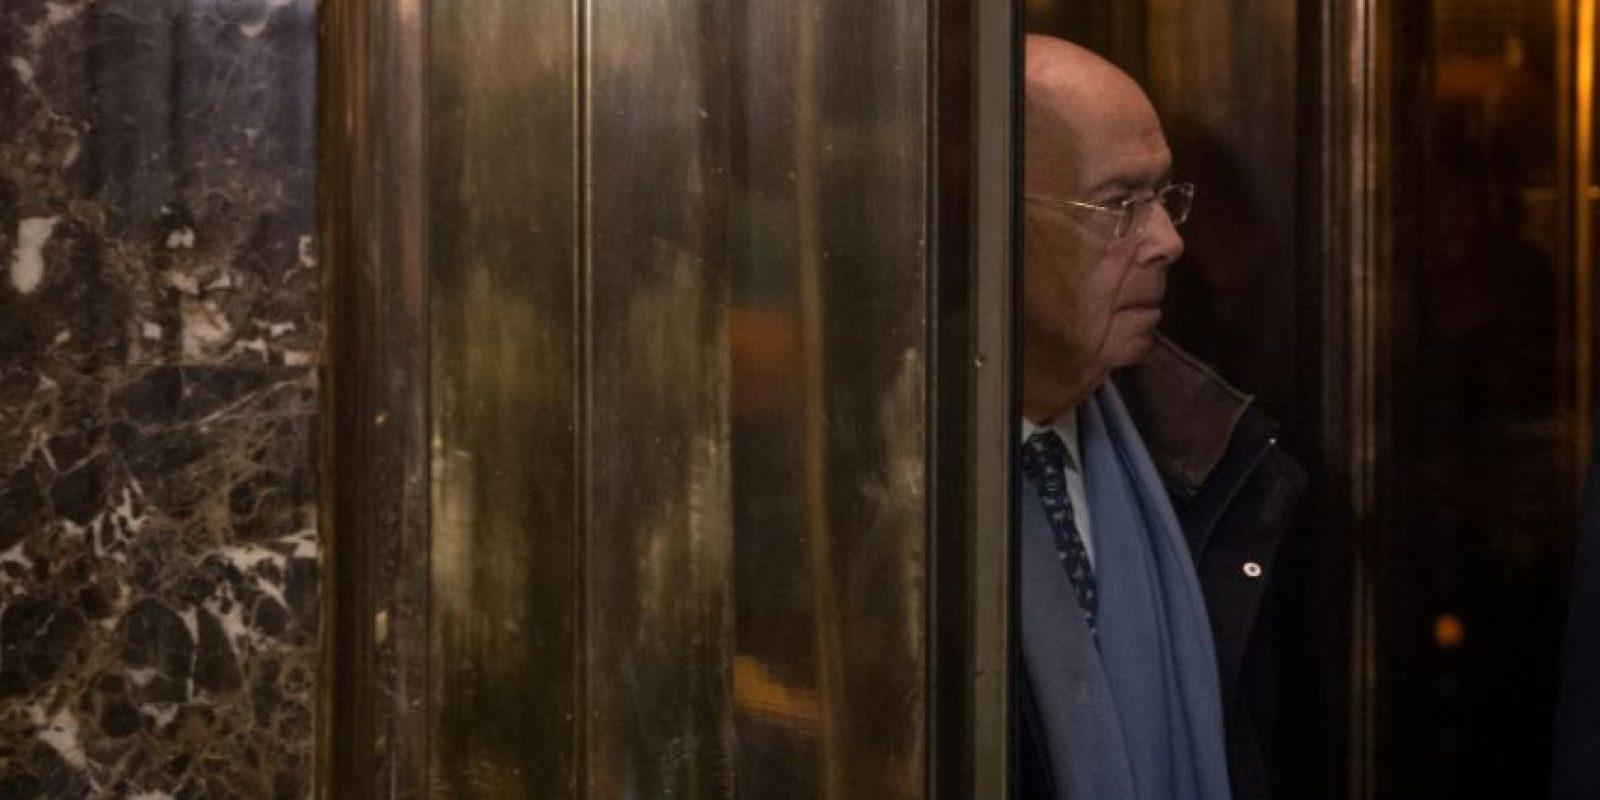 El inversor Wilbur Ross, designado secretario de Comercio de EEUU, llega a una reunión en la Torre Trump de Nueva York el 29 de noviembre de 2016 Foto:Bryan R. Smith/afp.com